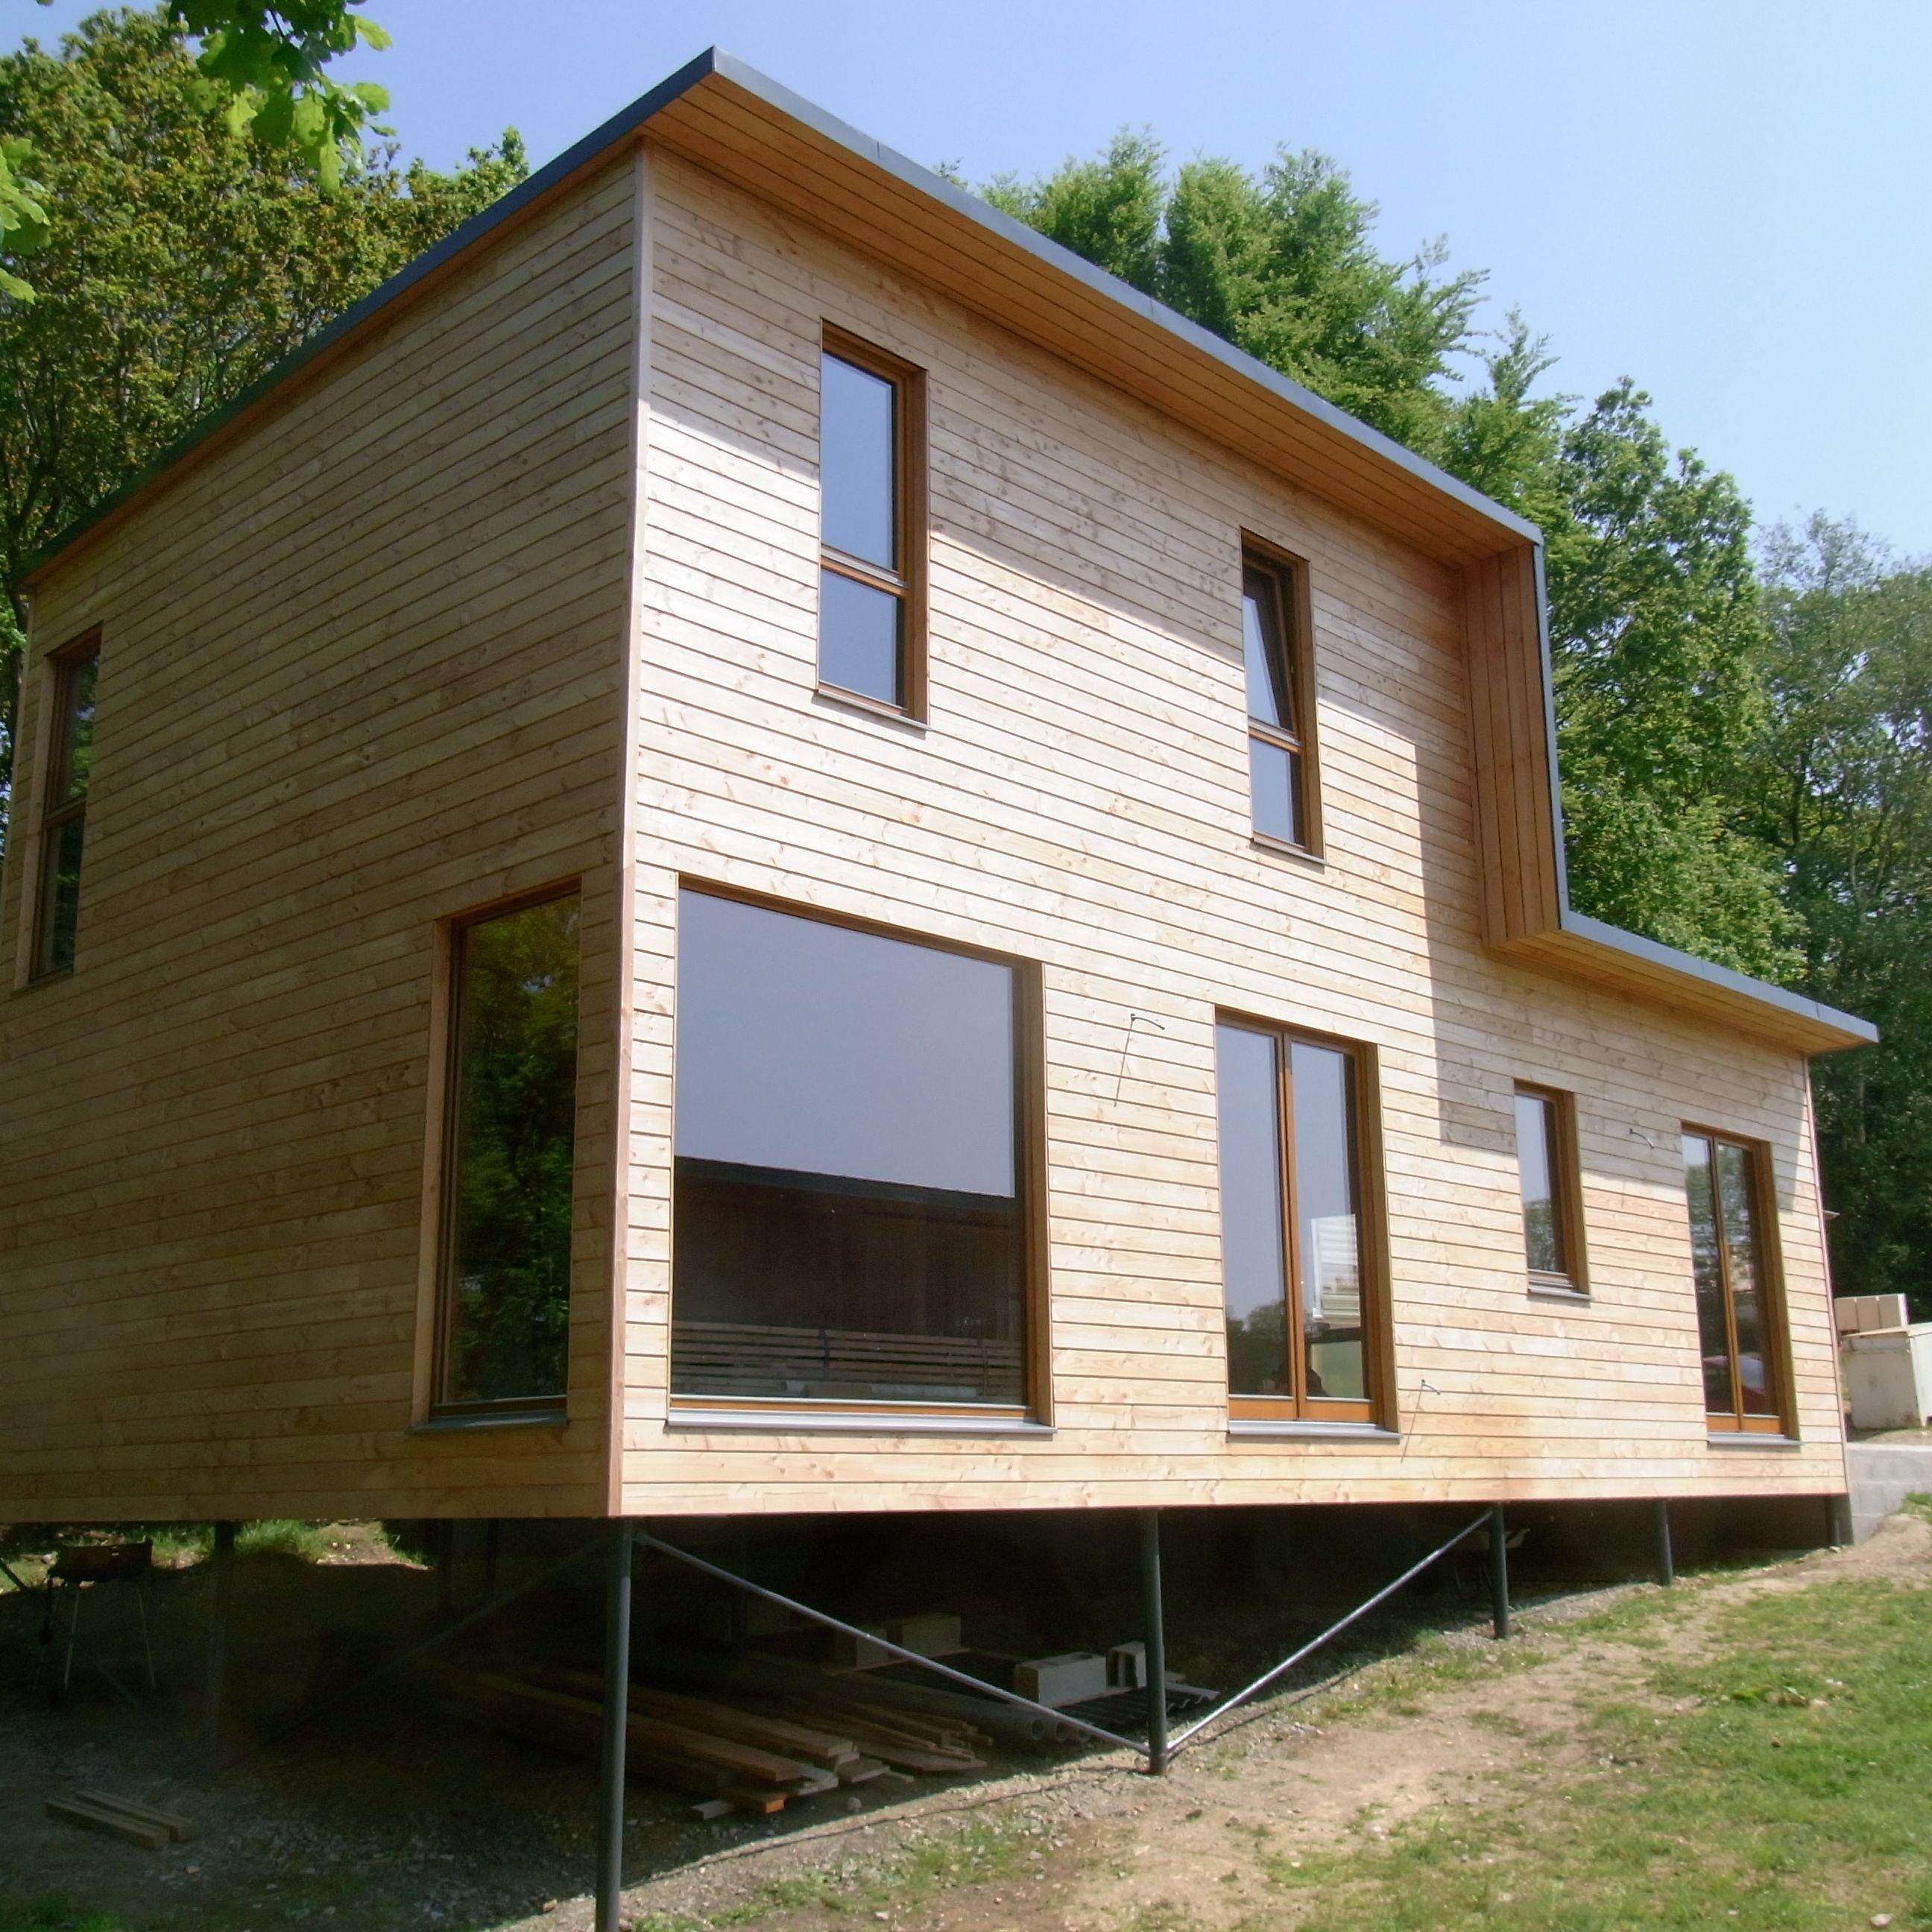 perspective maisons sur pieux viss s pieux viss s pinterest perspective et maisons. Black Bedroom Furniture Sets. Home Design Ideas